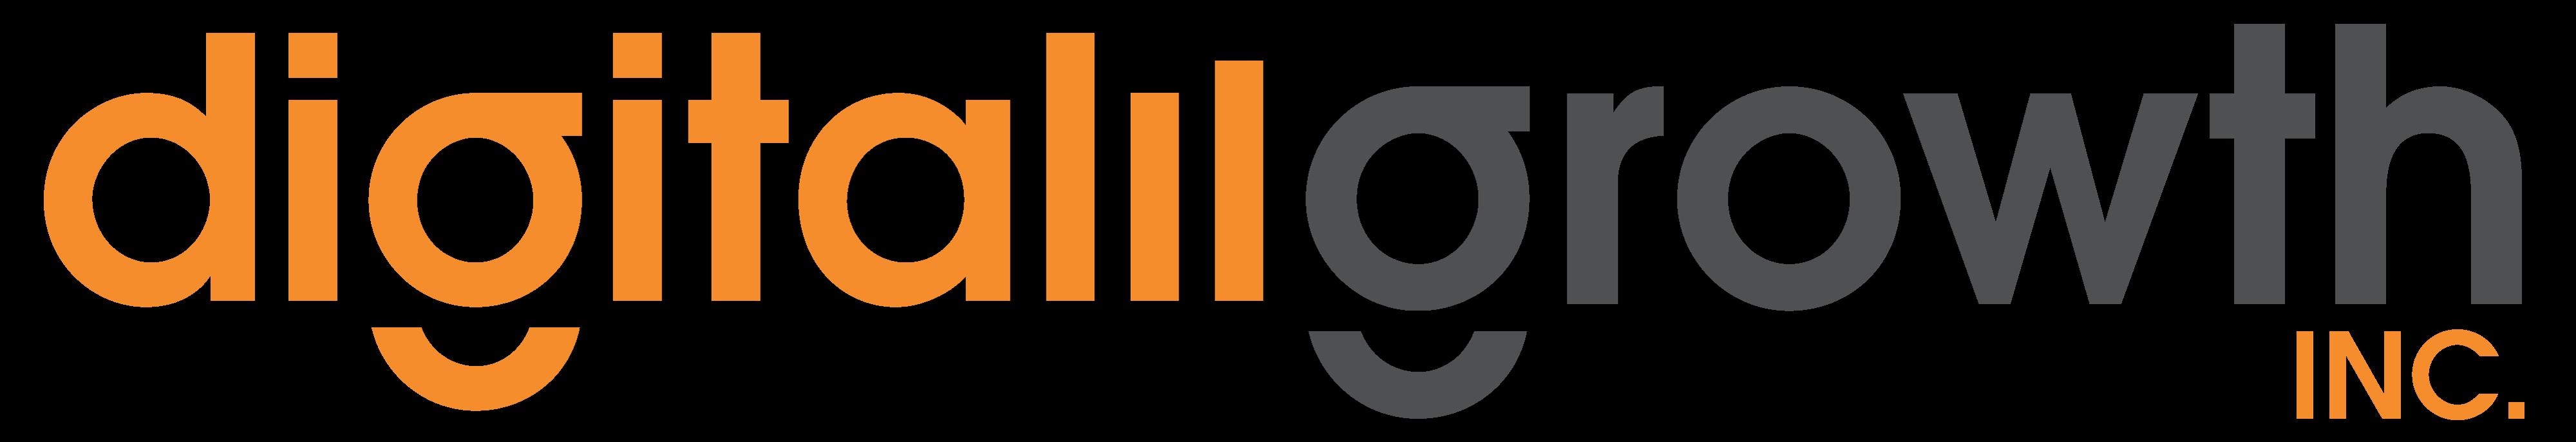 Digital Growth Inc.